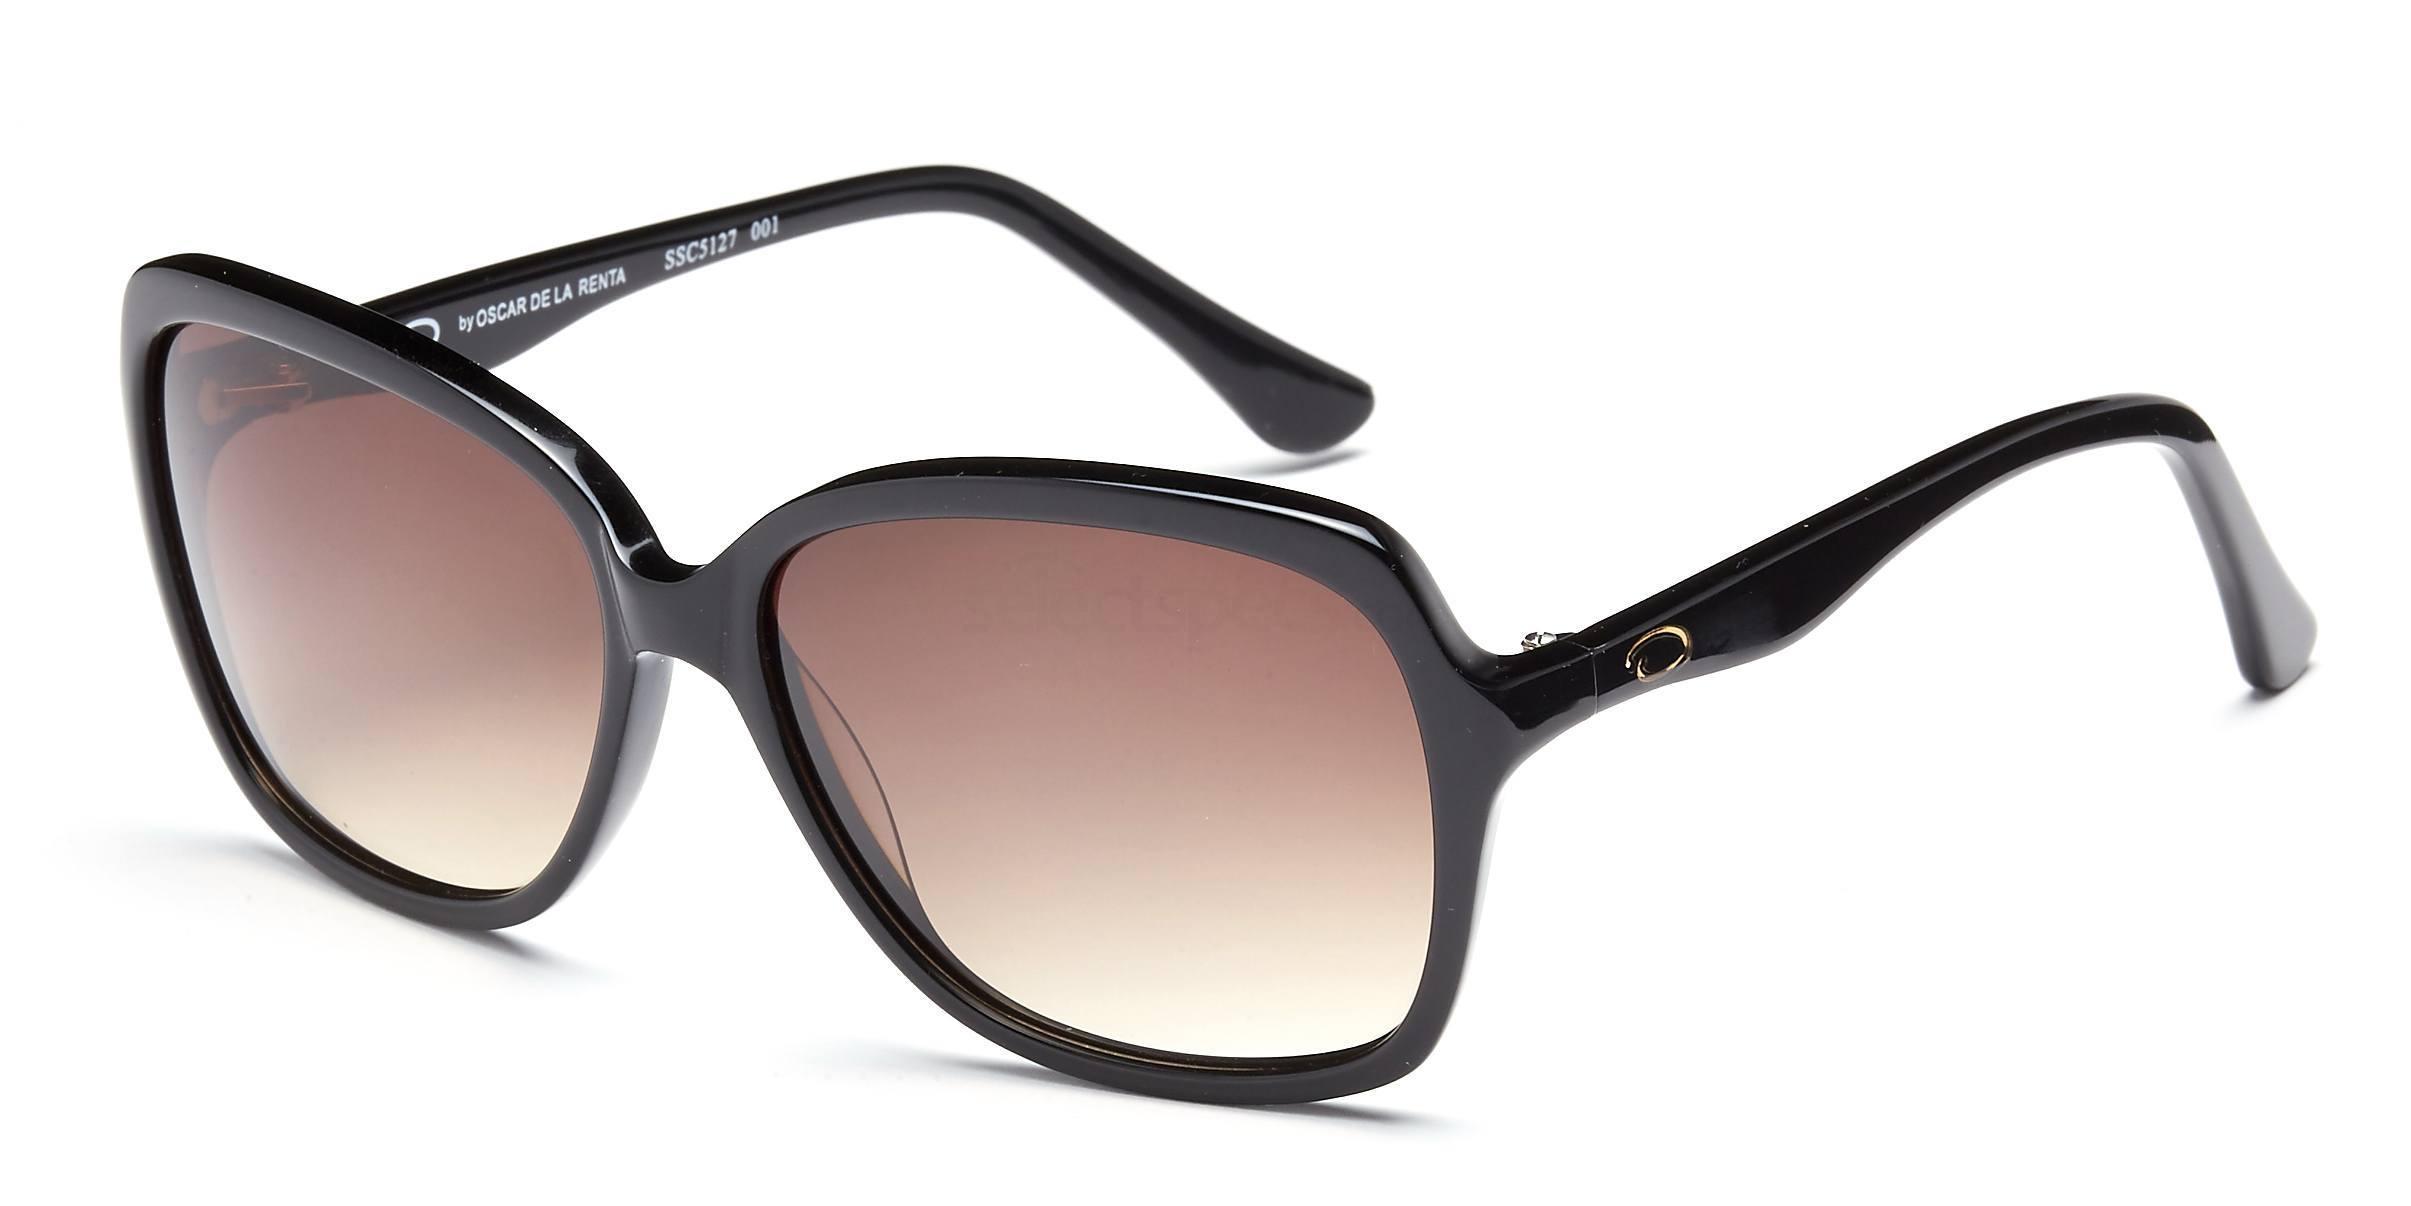 C1 SSC5127 Sunglasses, Oscar De La Renta